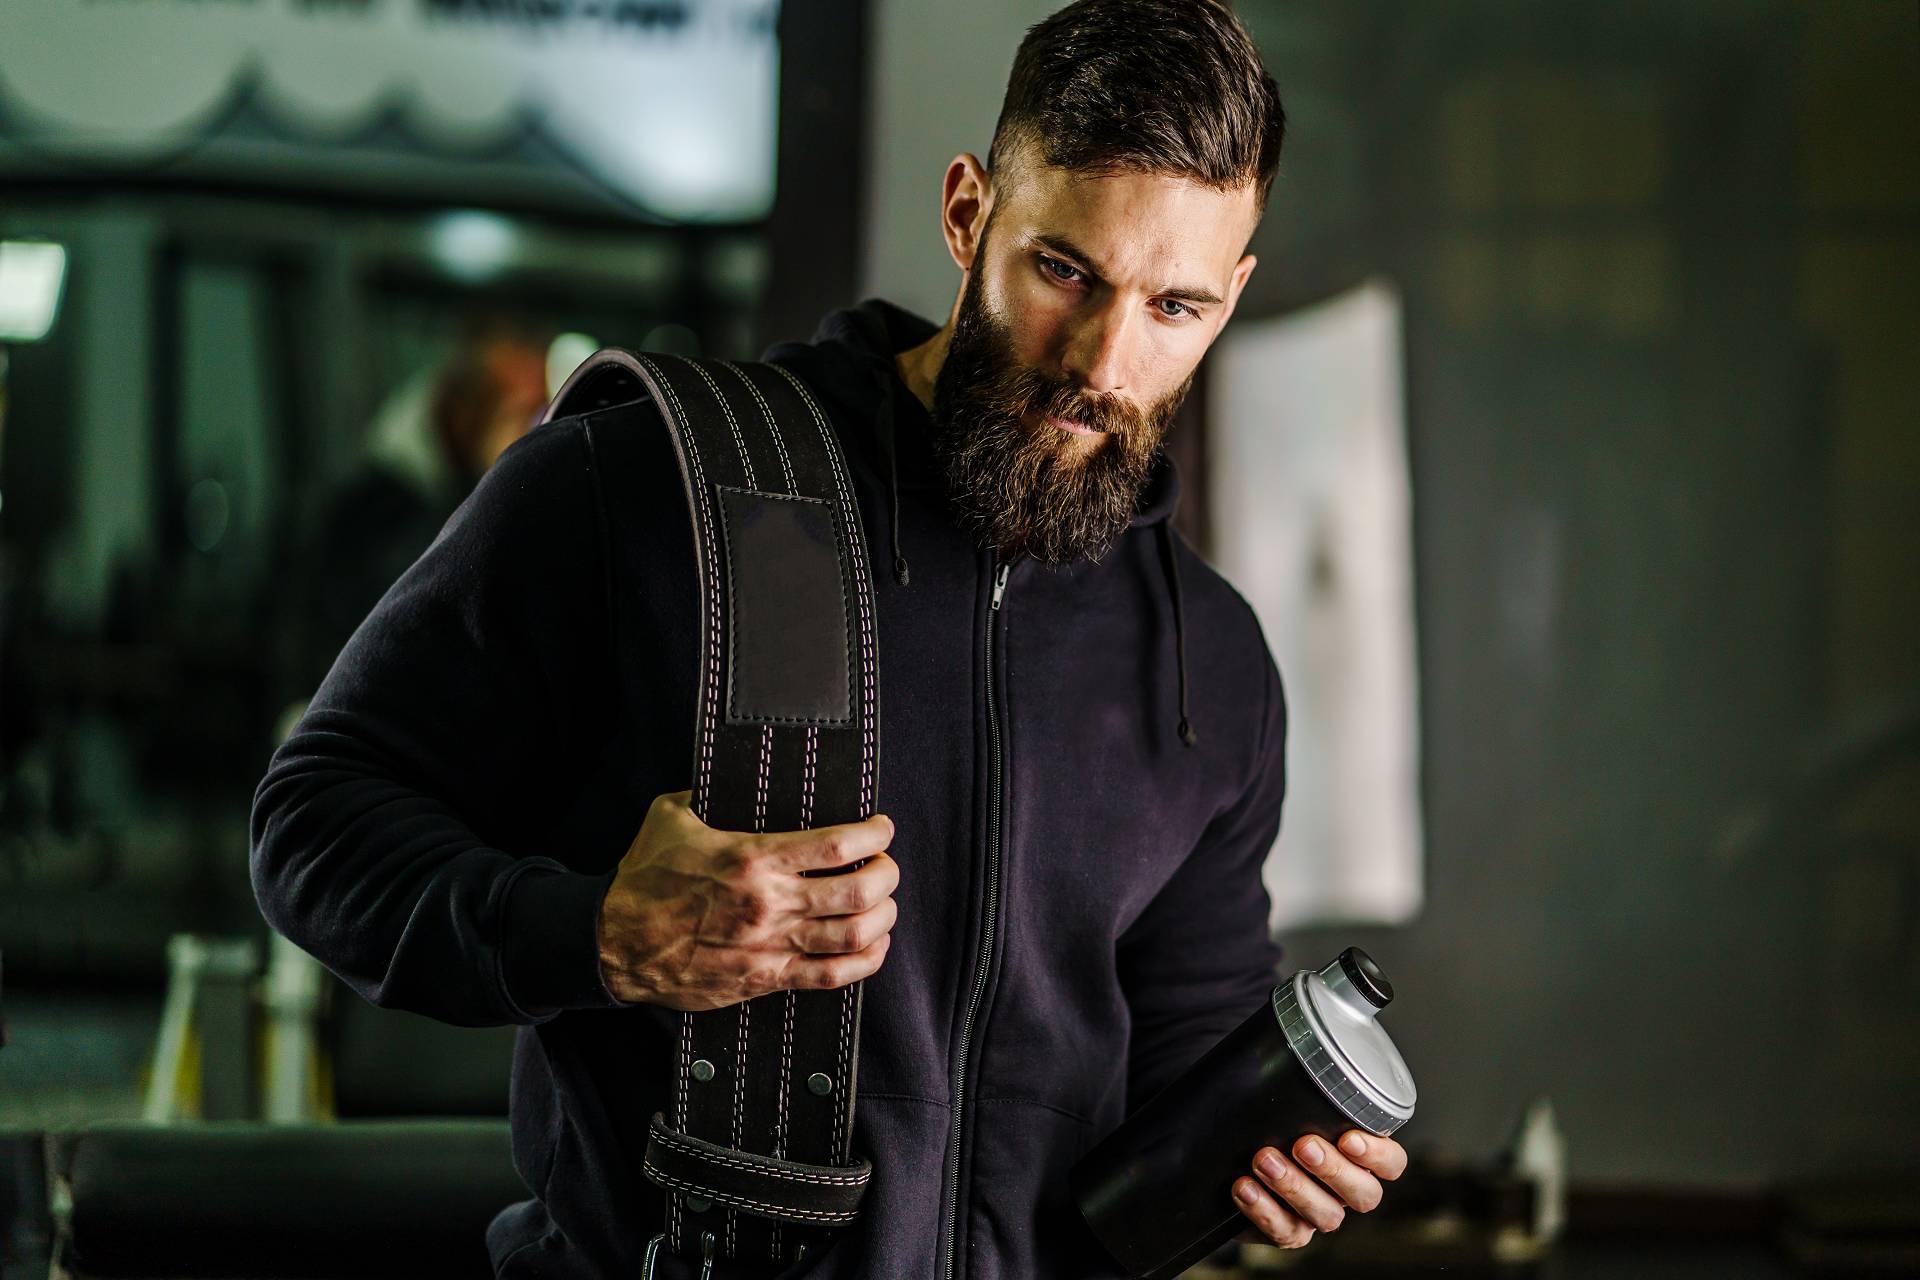 Muskelaufbautraining mit und ohne Whey Isolat: Wie groß ist der Unterschied in Sachen Fortschritte bei Trainingsanfängern?